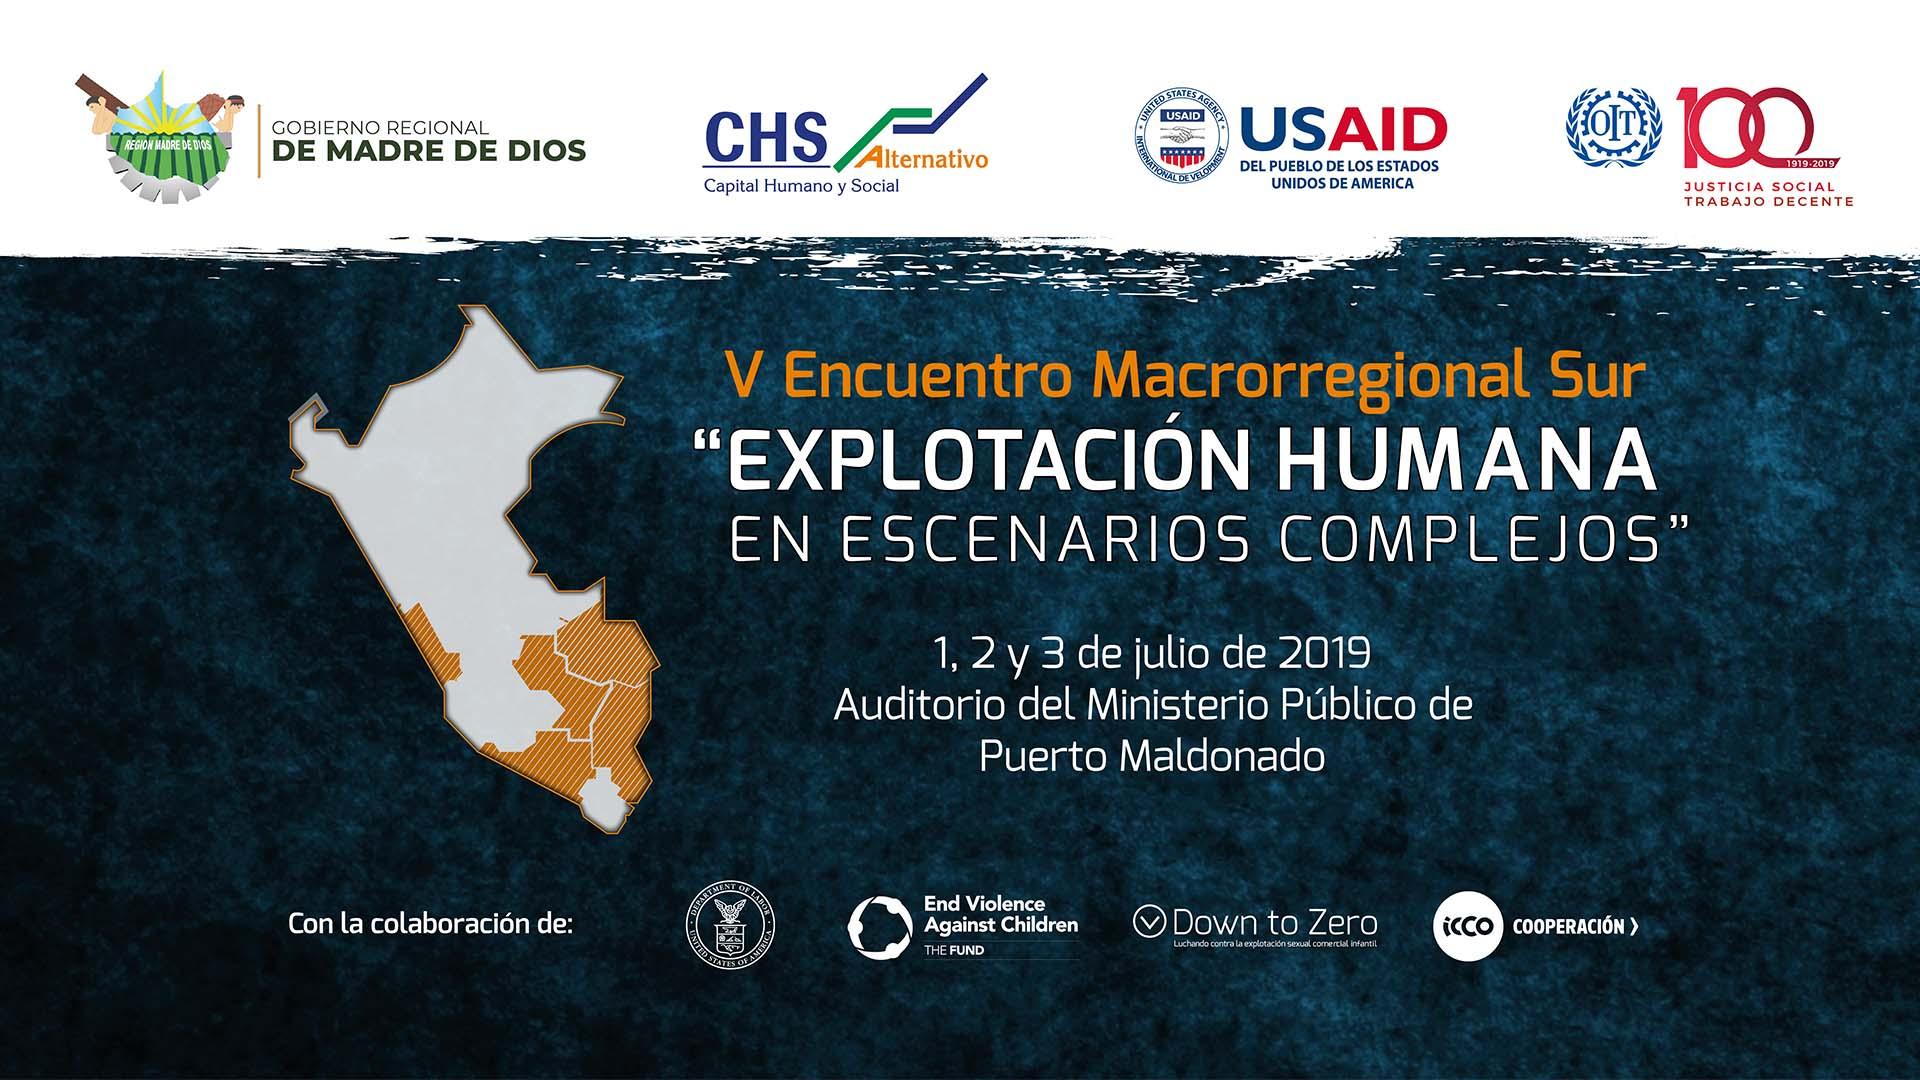 CHS Alternativo convoca al V Encuentro Macrorregional Sur sobre explotación humana